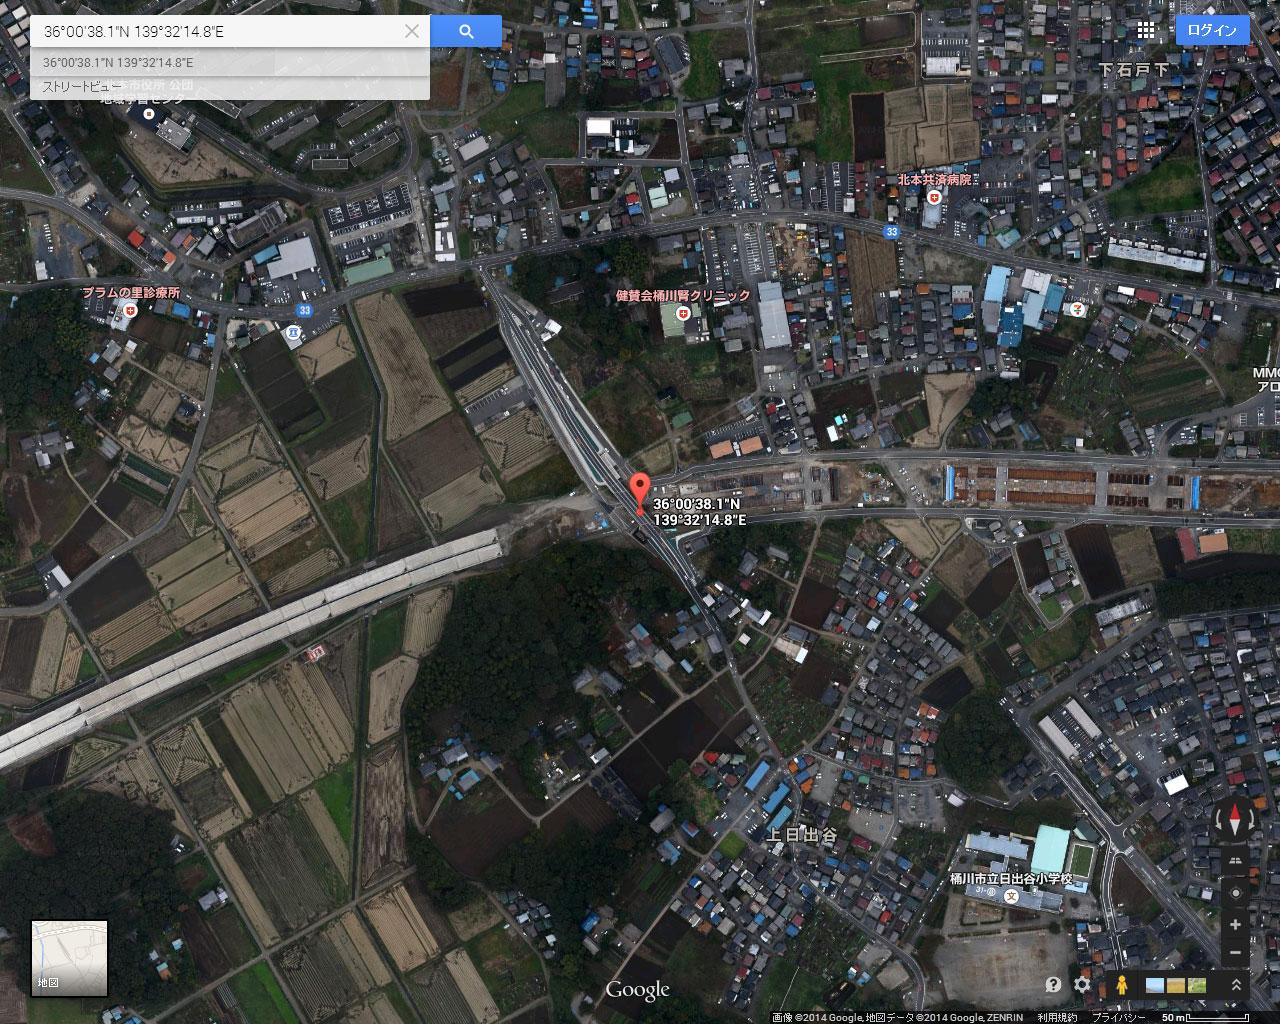 グーグル マップ 航空 写真 最新